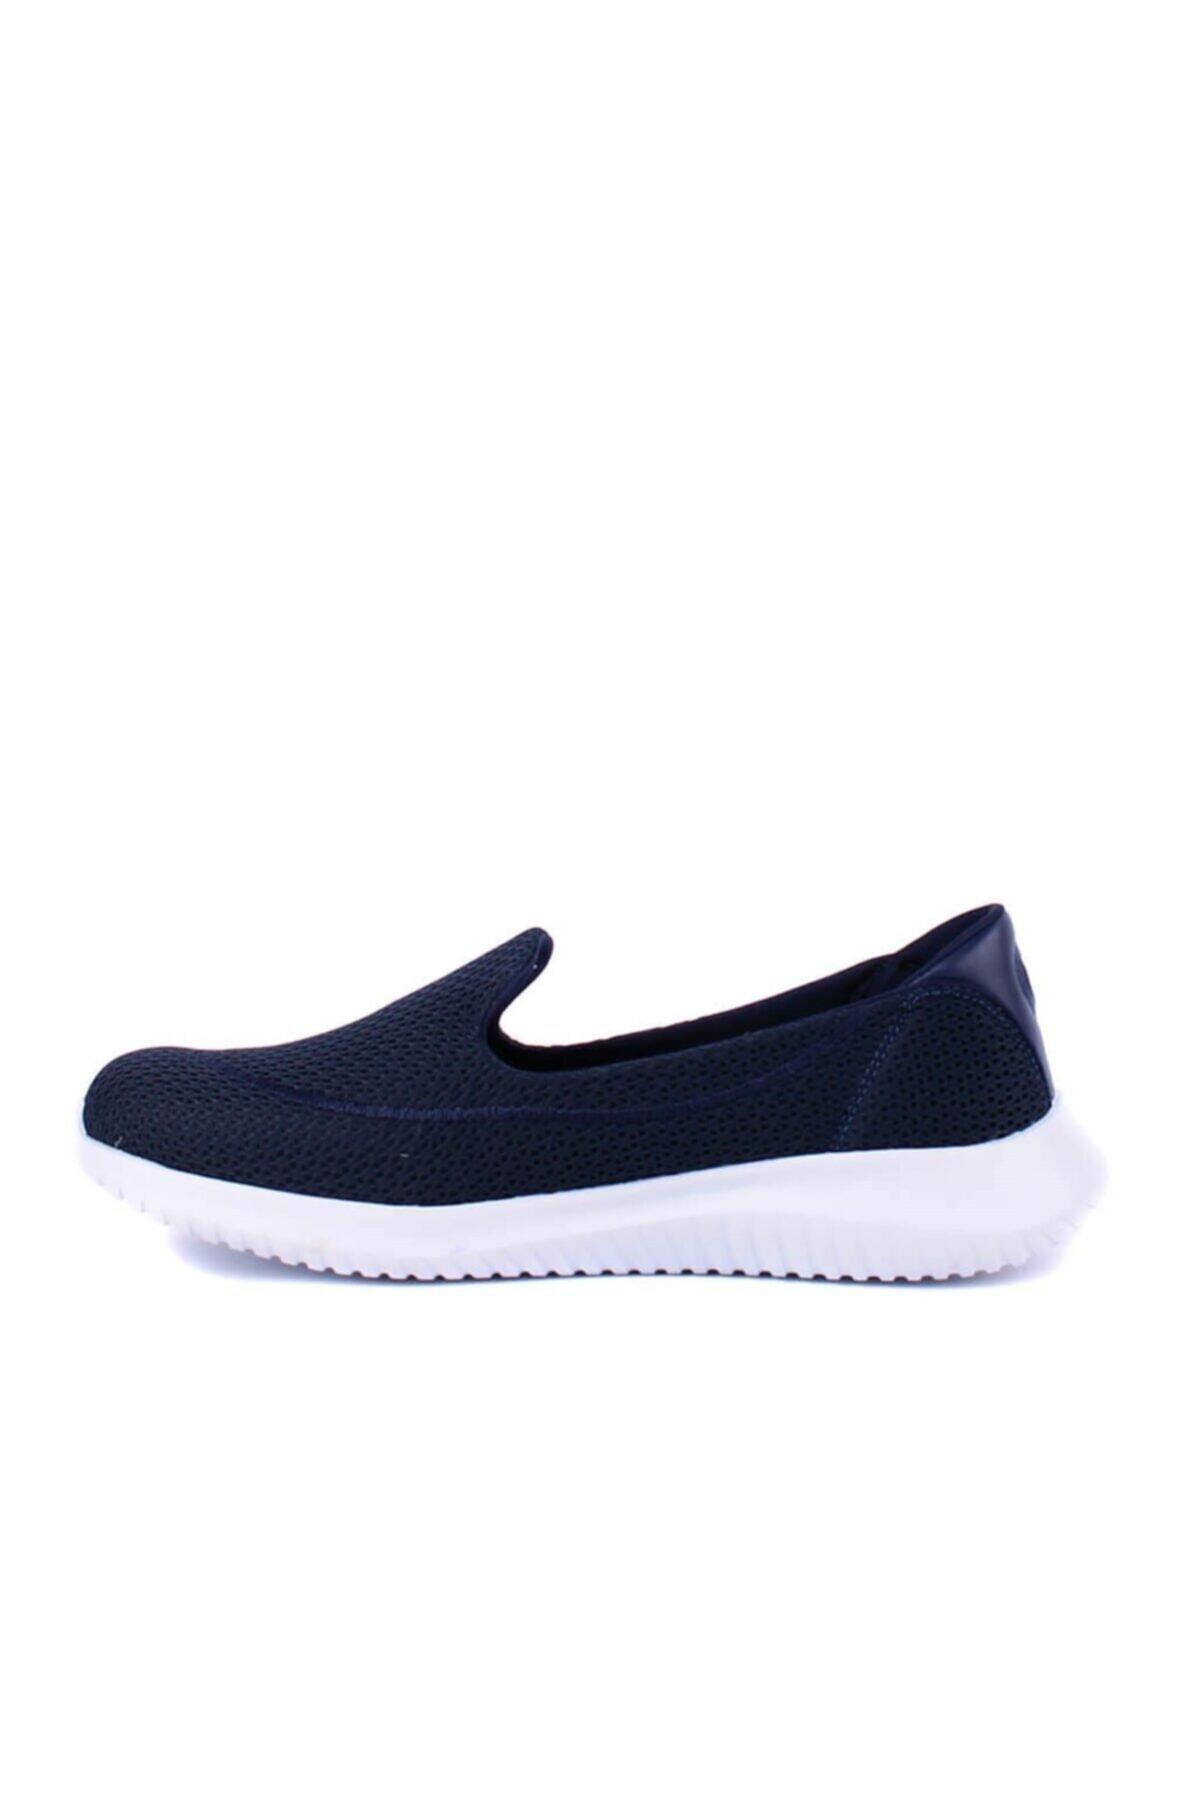 Pierre Cardin Kadın Lacivert Günlük Yürüyüş Ayakkabısı  Pc-30168